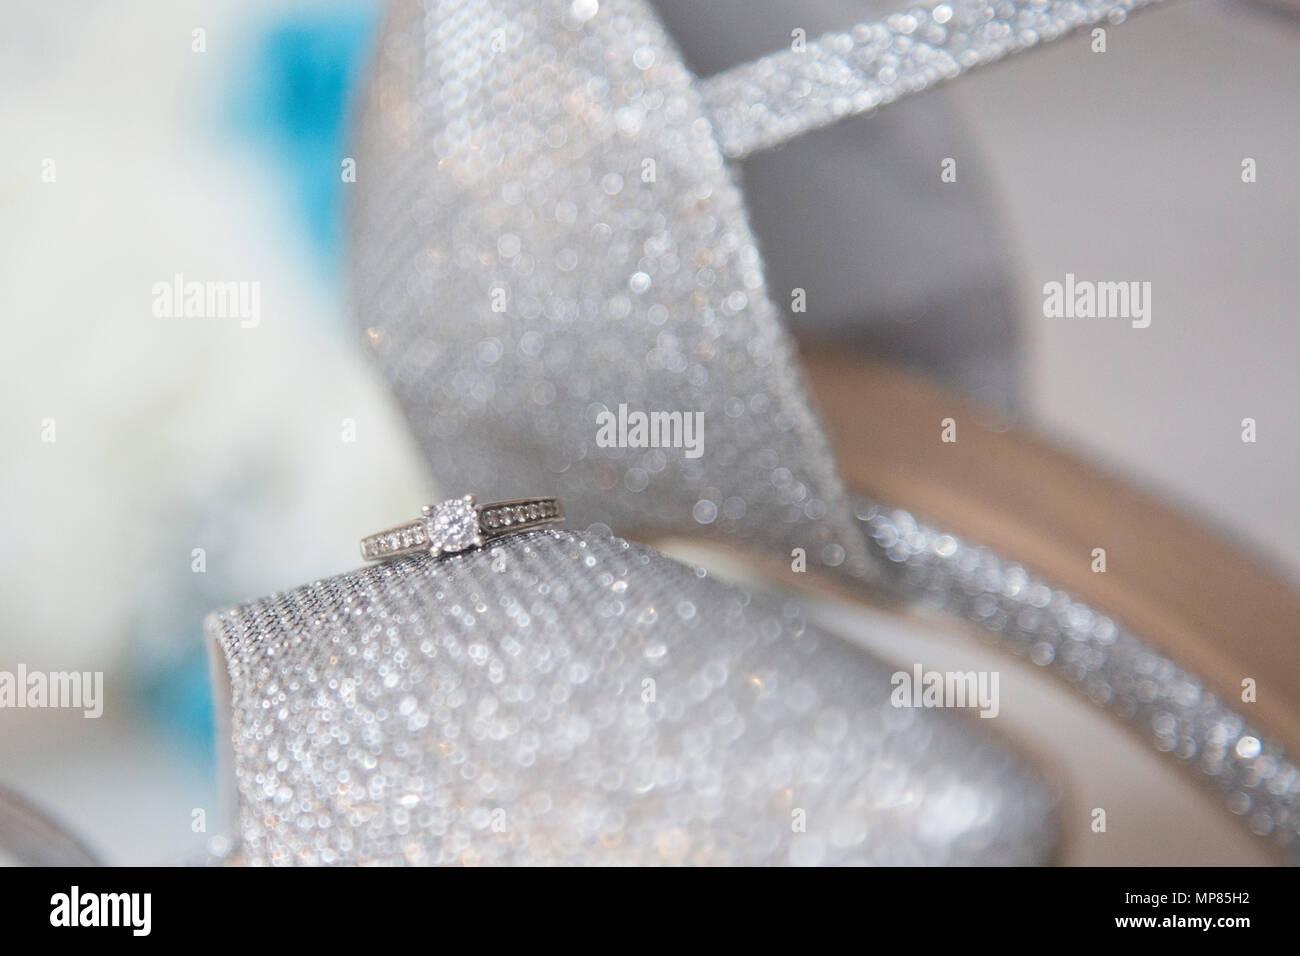 Anello di fidanzamento seduto su una coppia di scintillanti di bridal scarpe lucide il giorno delle nozze d'argento, scarpe e corona diamantata Immagini Stock